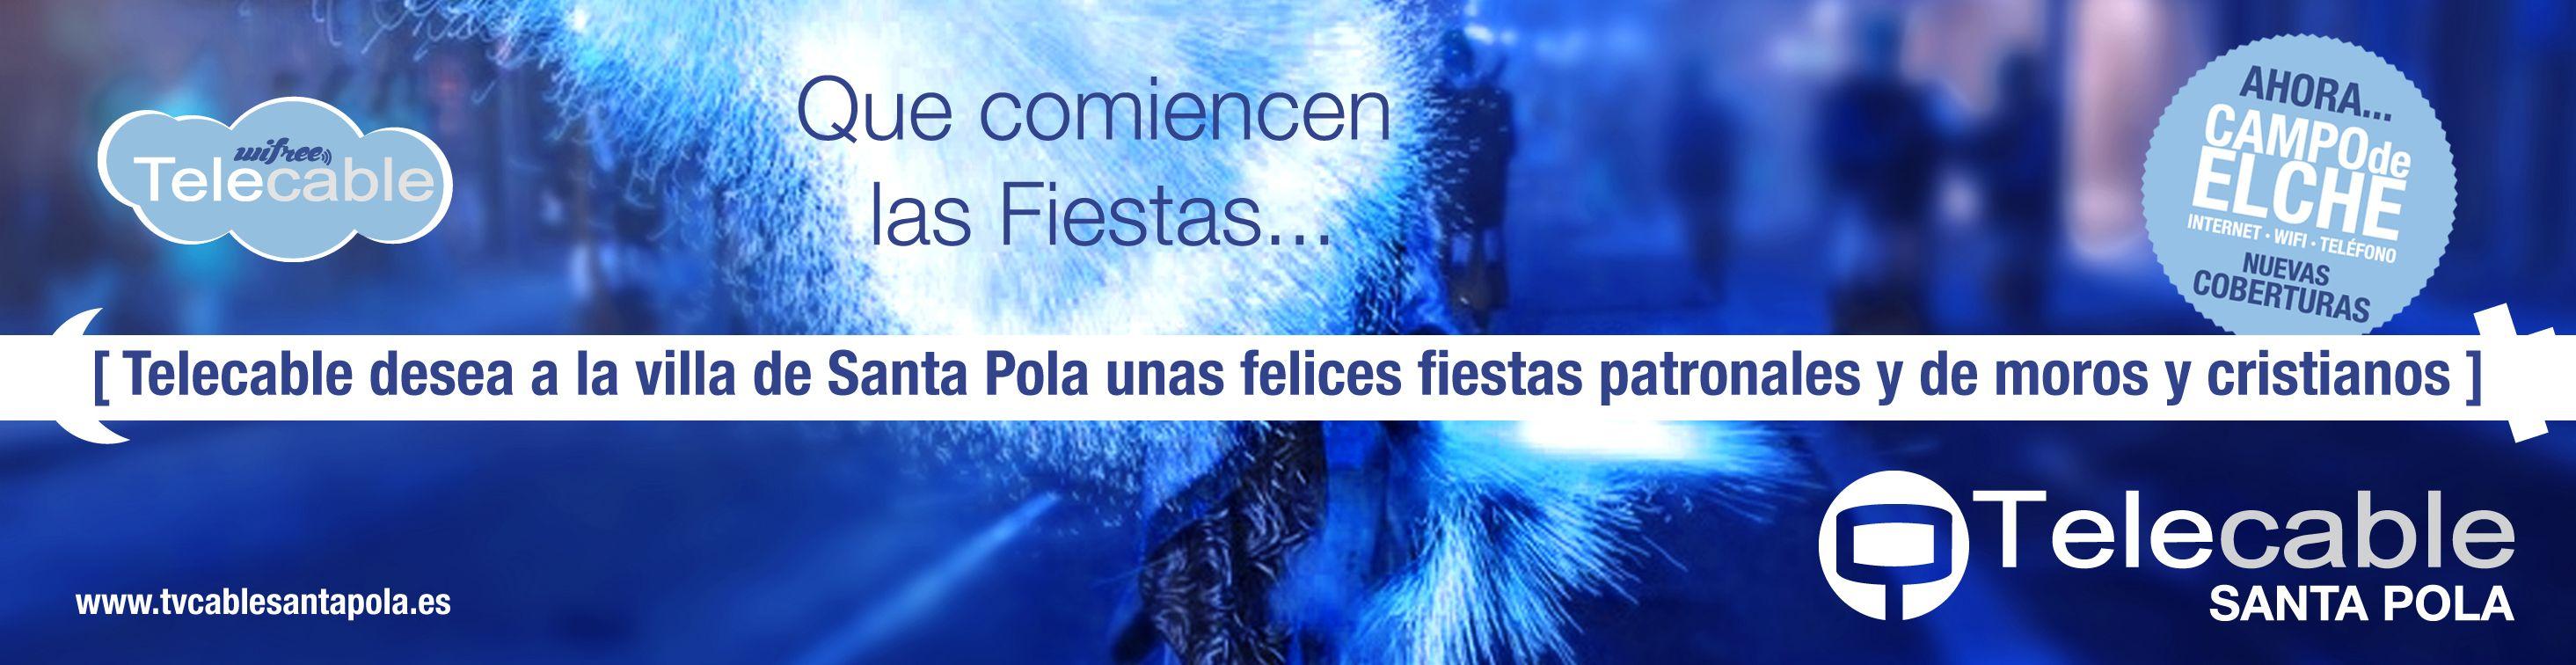 Fiestas Moros y Cristianos Santa Pola 2014